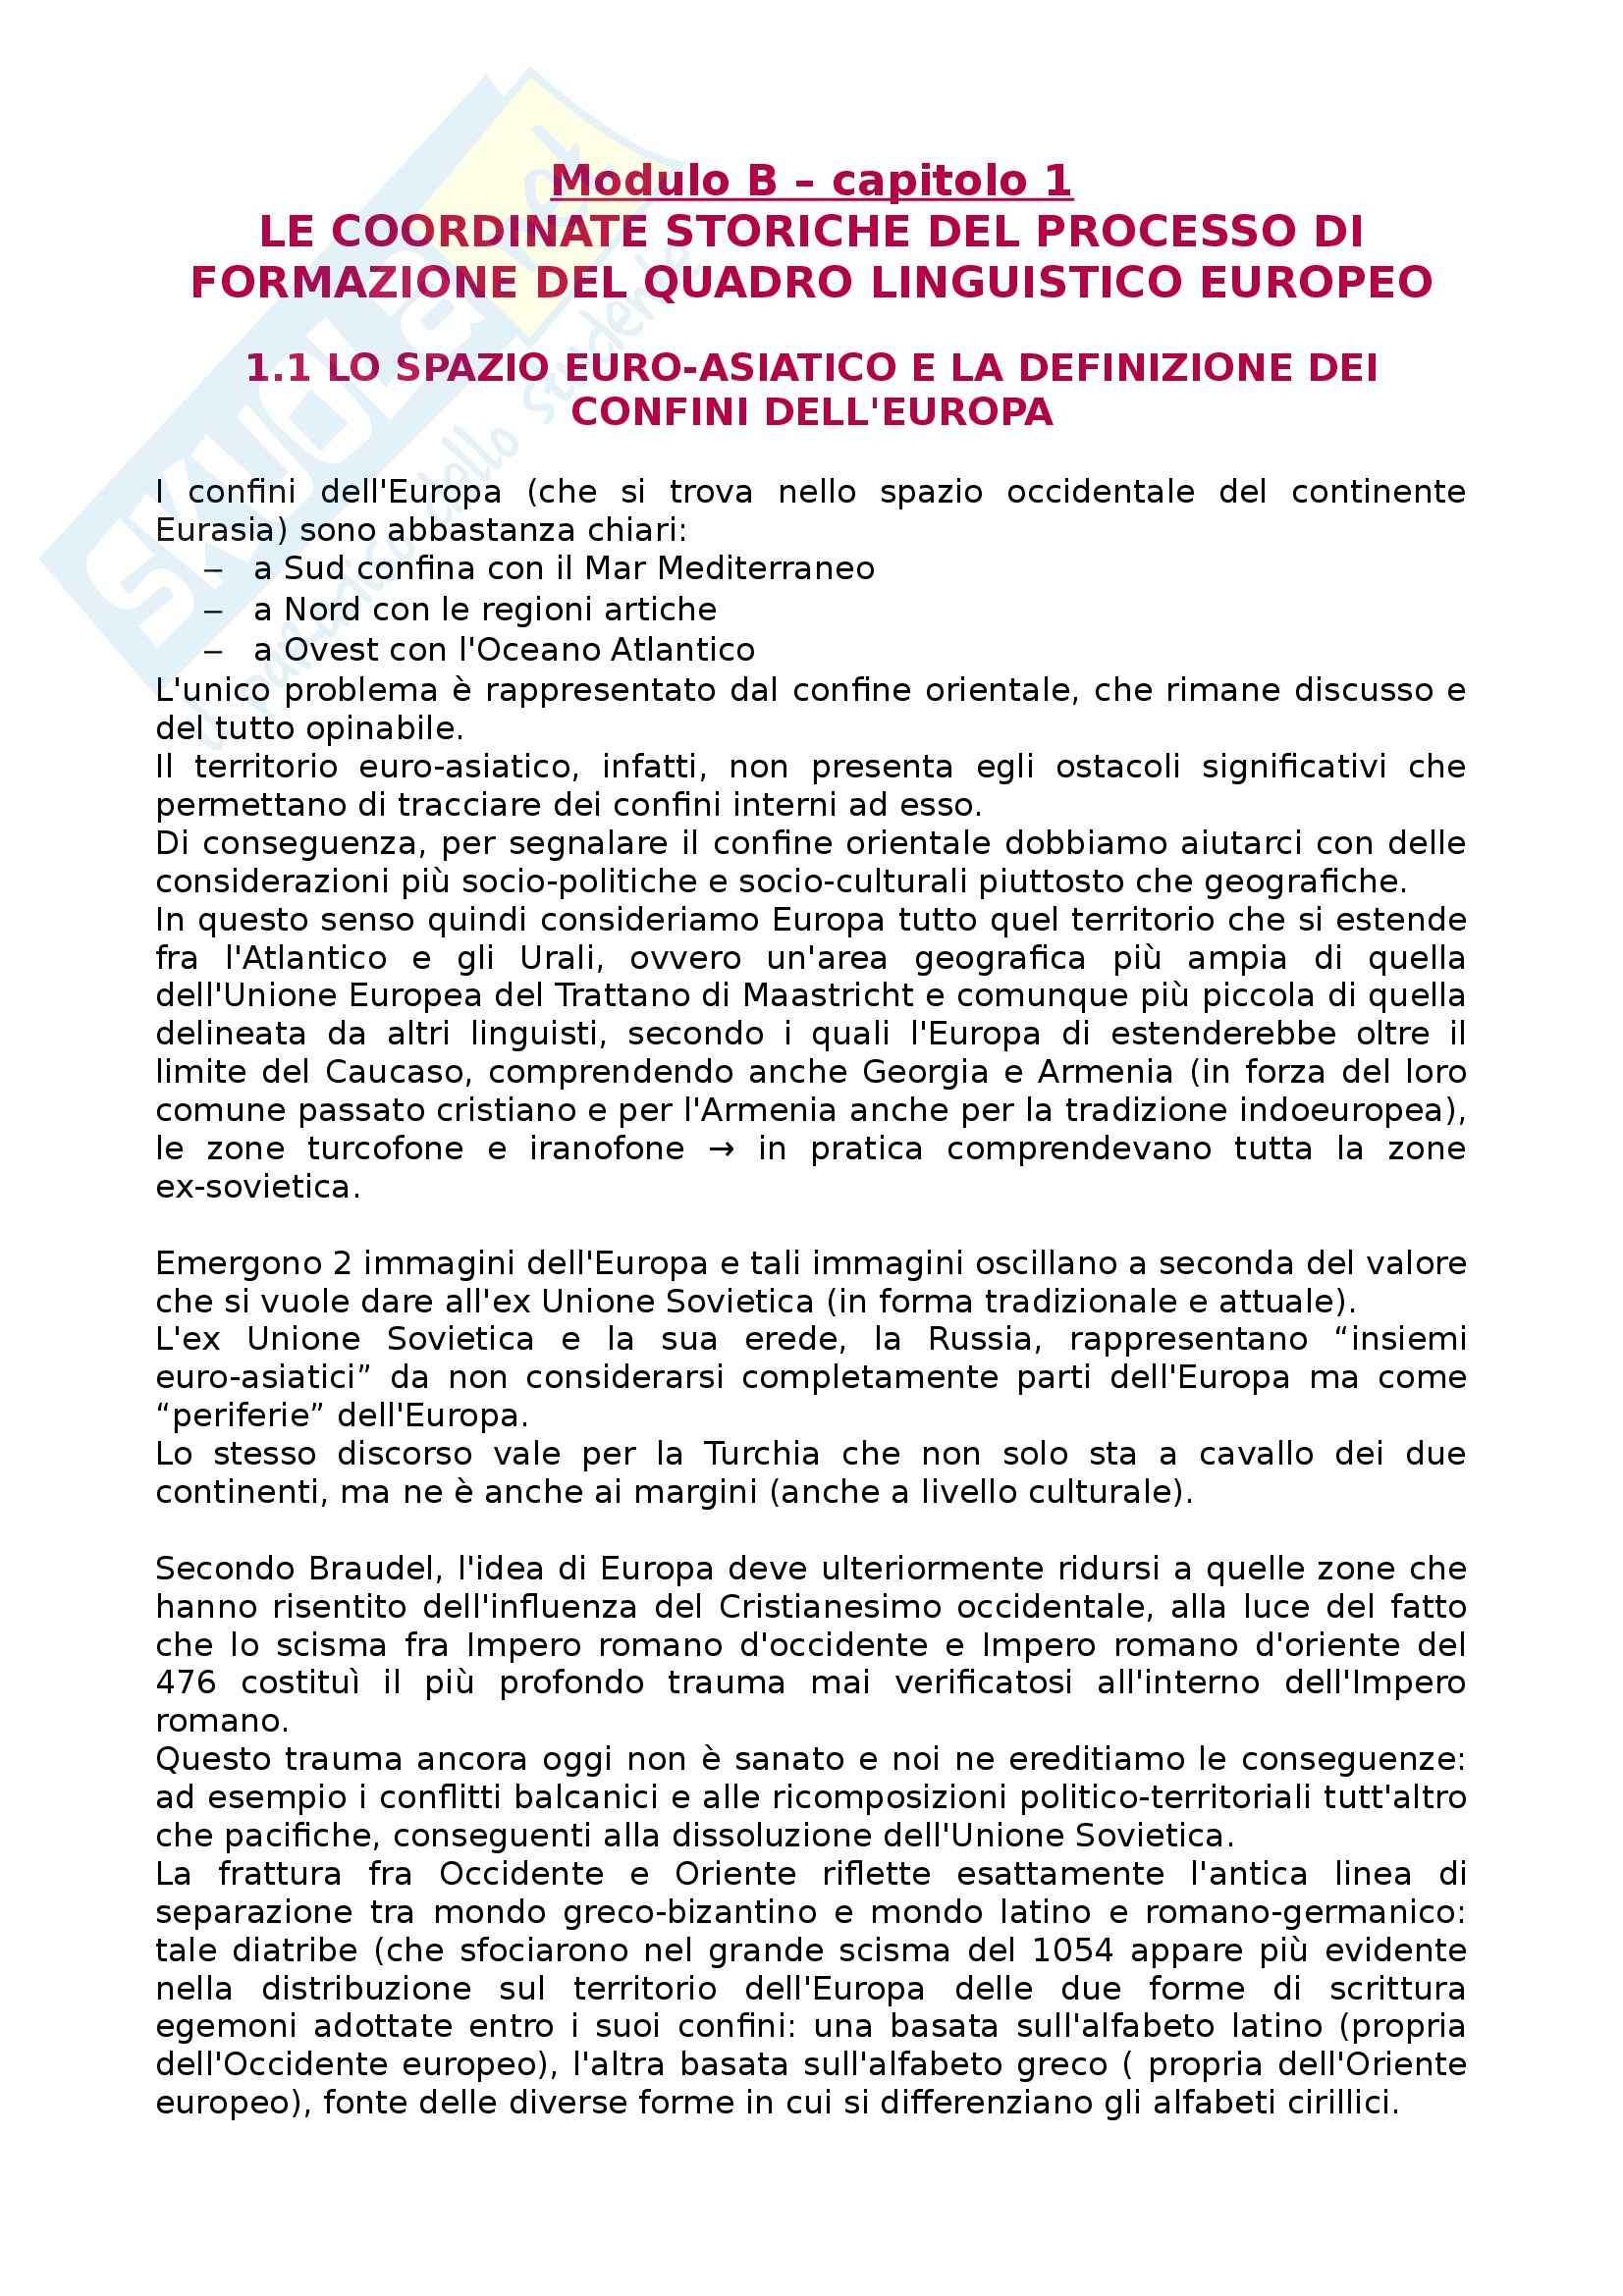 Riassunto esame Linguistica generale, prof. Scala, libro consigliato Lingue d'Europa: Elementi di storia e di tipologia linguistica, Banfi